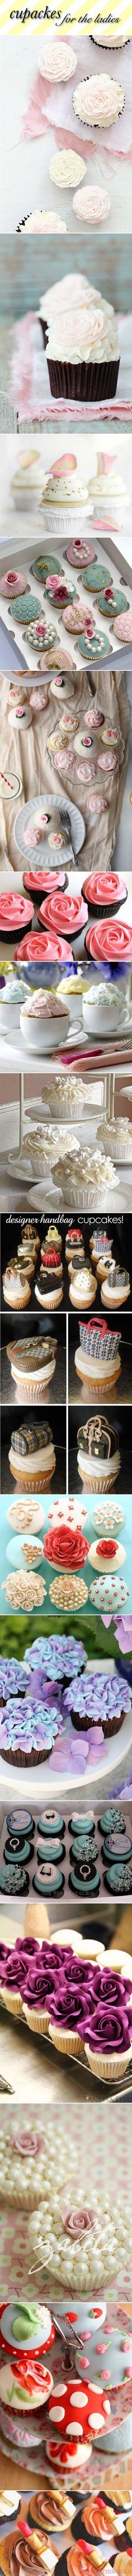 Darling Cupcakes